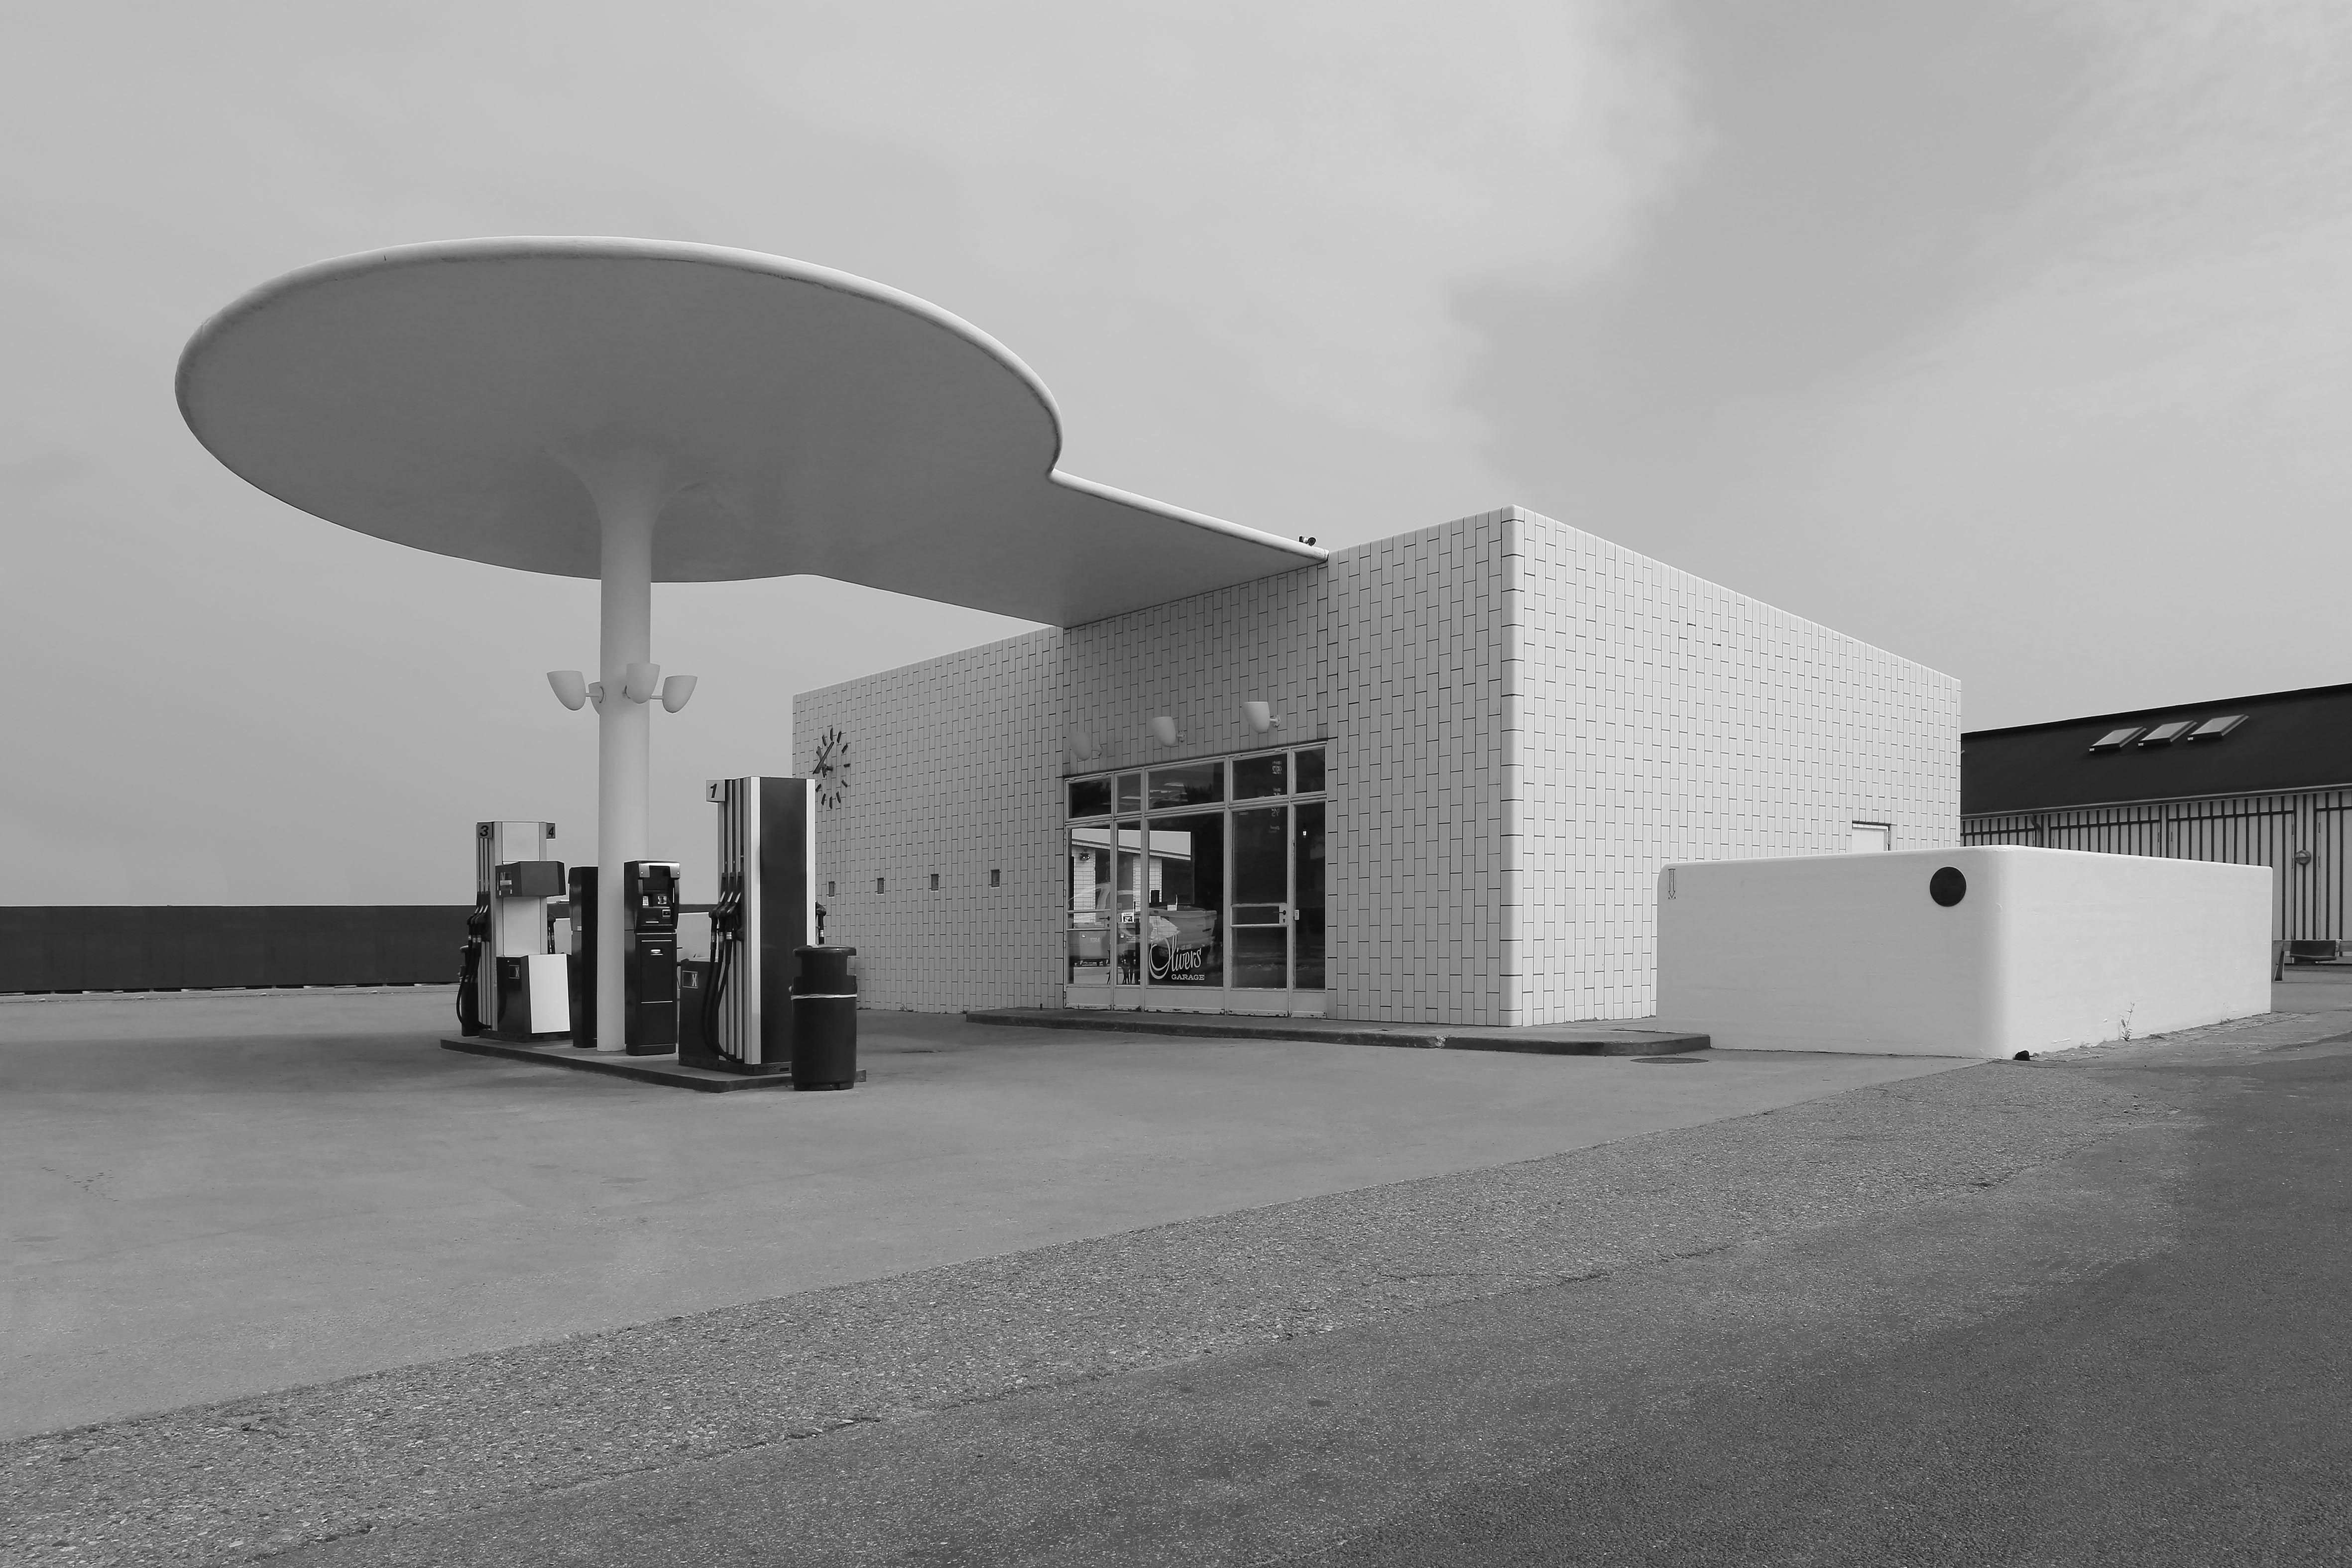 Marokko, Dänemark, Kopenhagen, Tankstelle Skovshoved, Arne Jacobsen, 1936